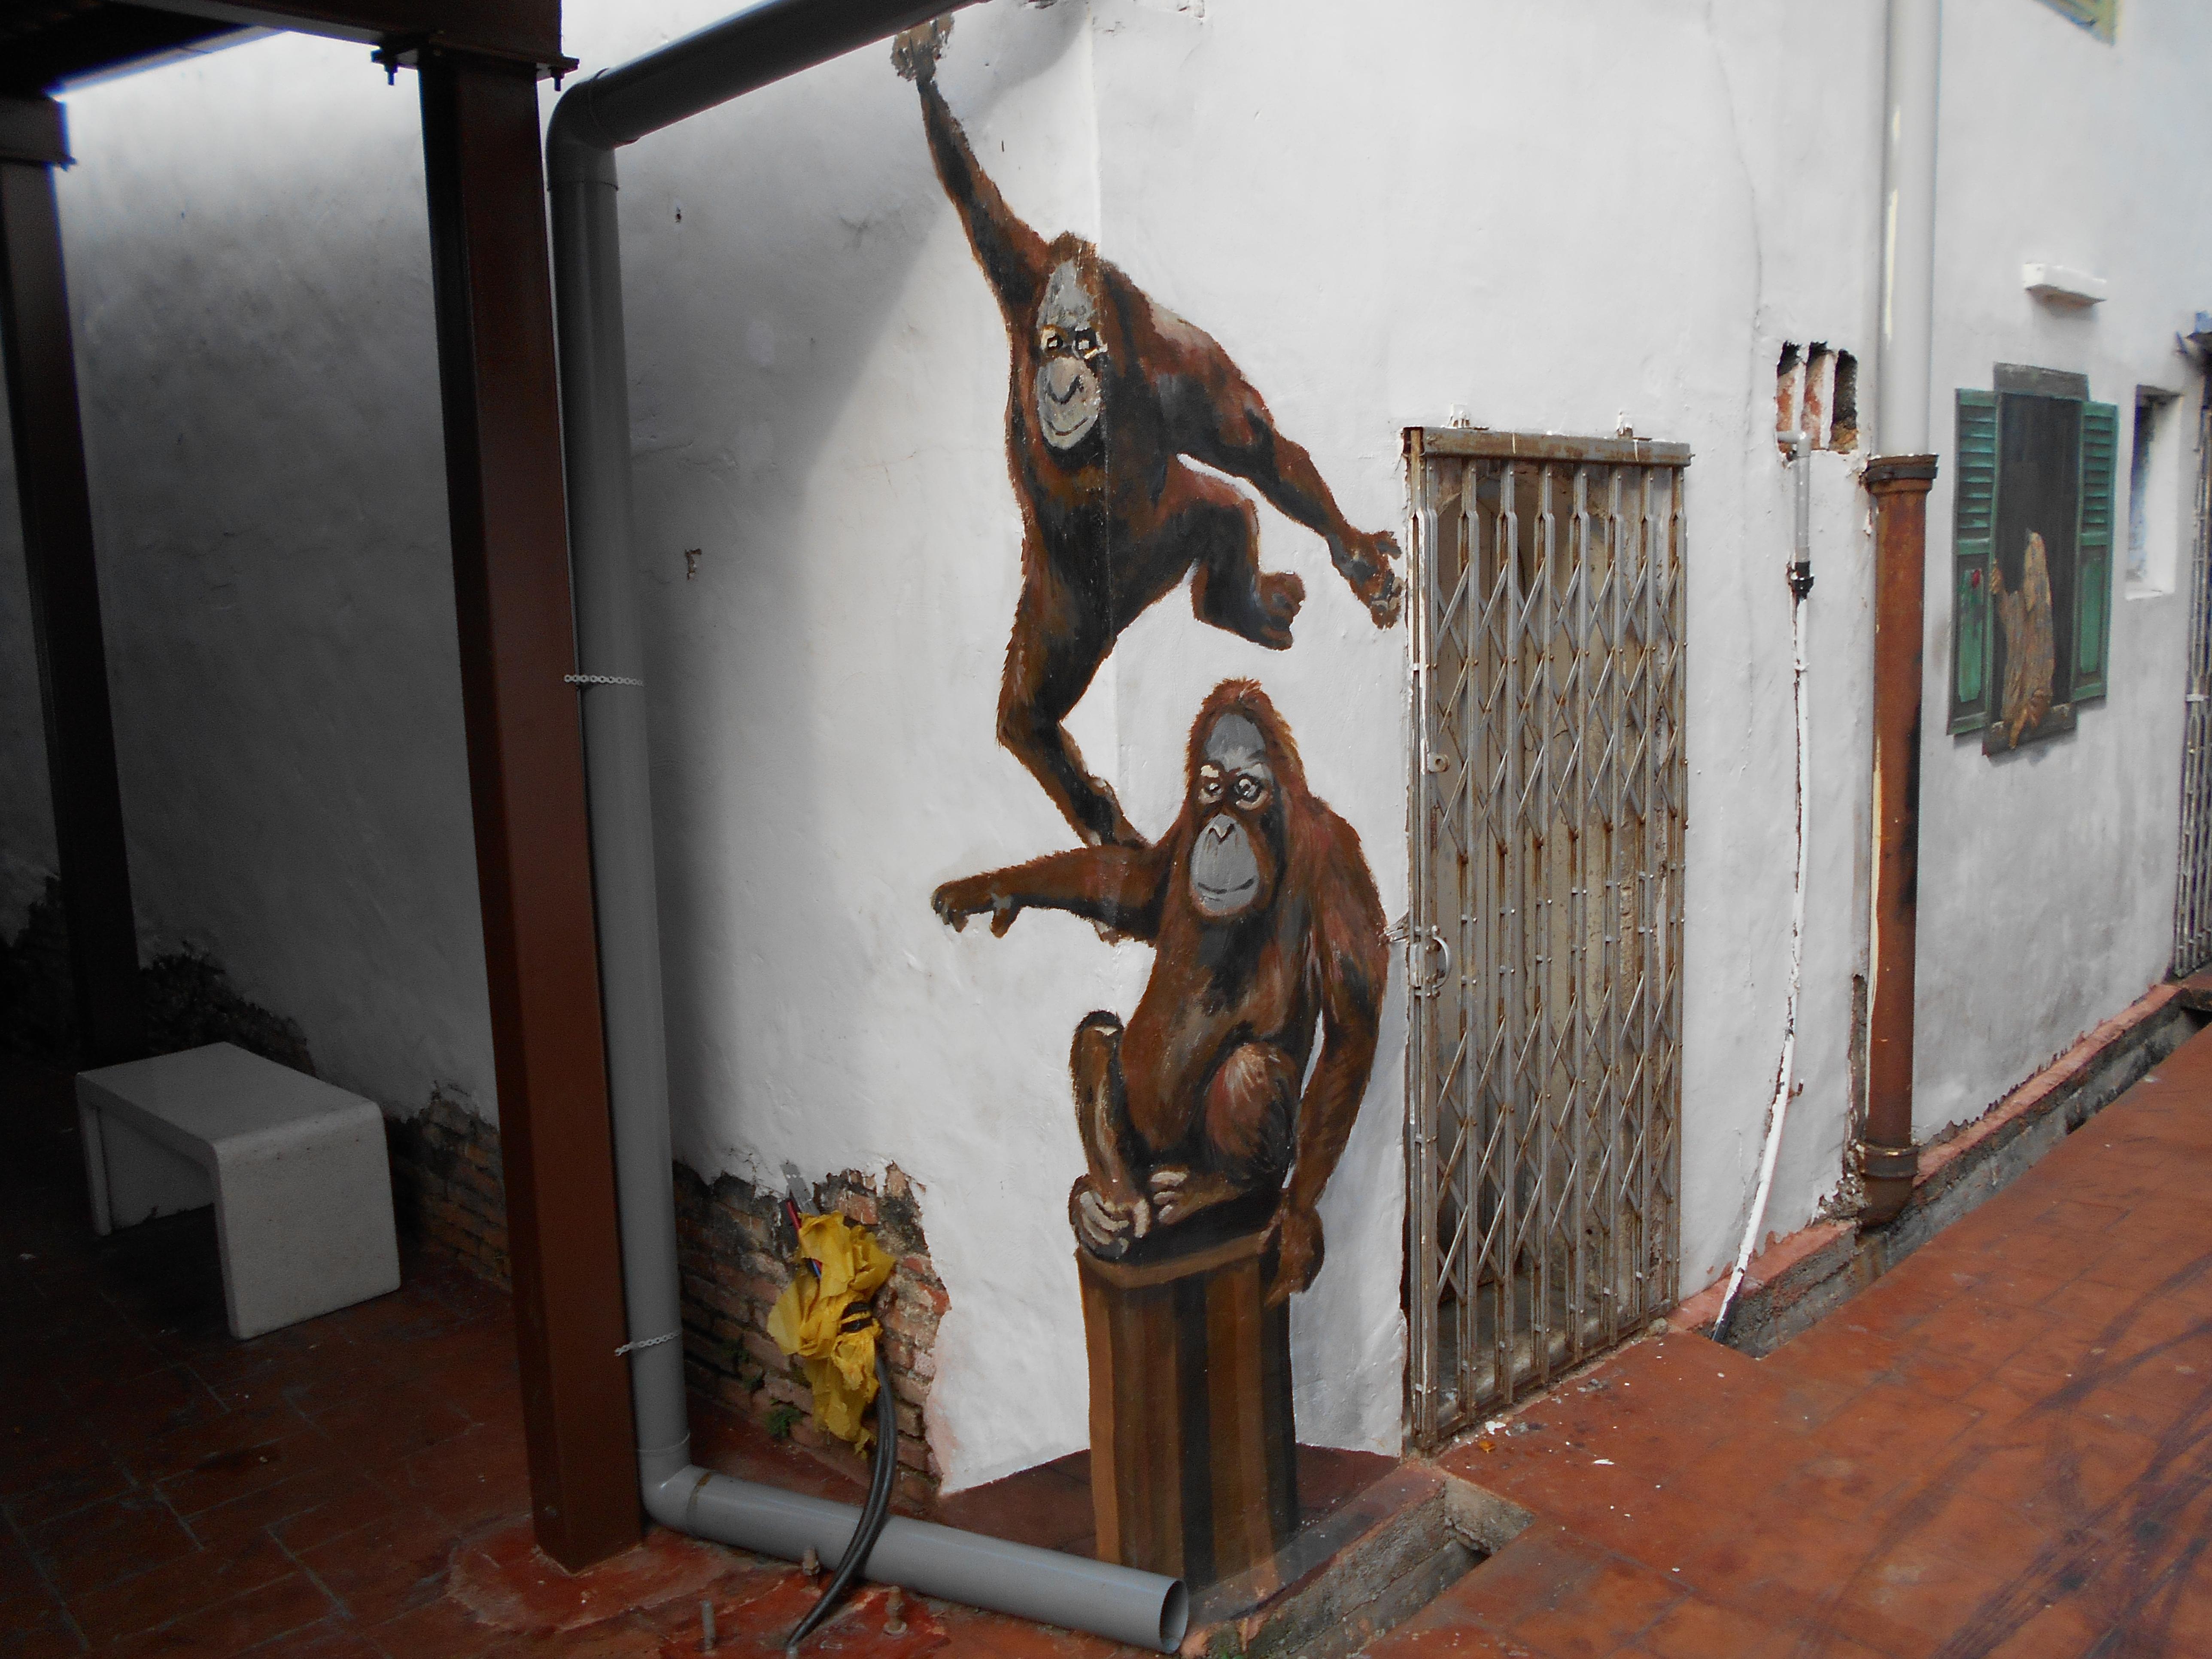 Melaka Street Art Monkeys